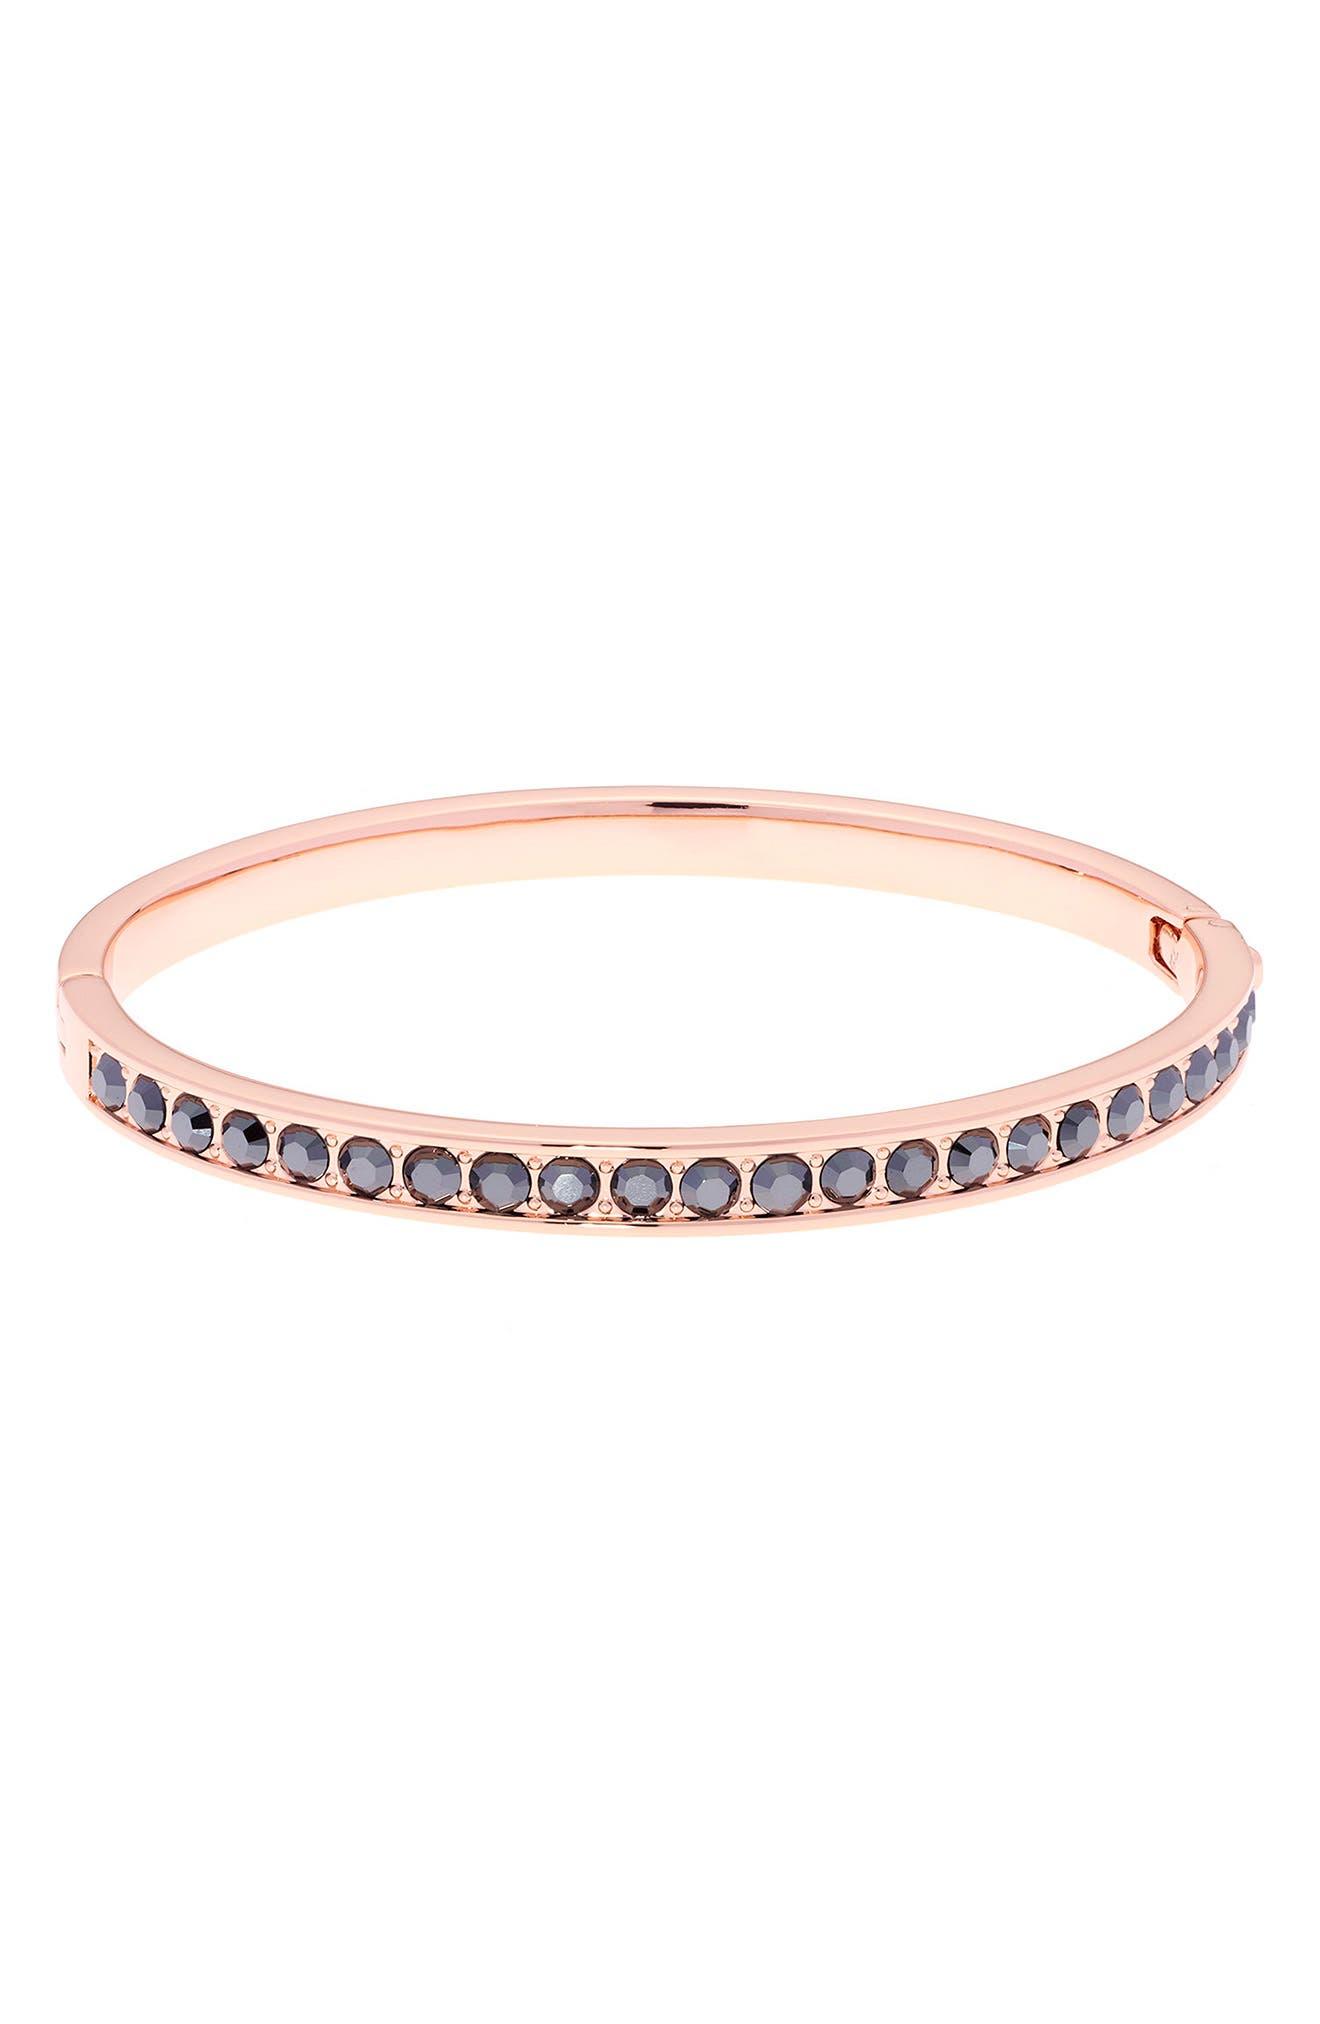 Clemara Hinge Bangle Bracelet,                             Main thumbnail 1, color,                             001